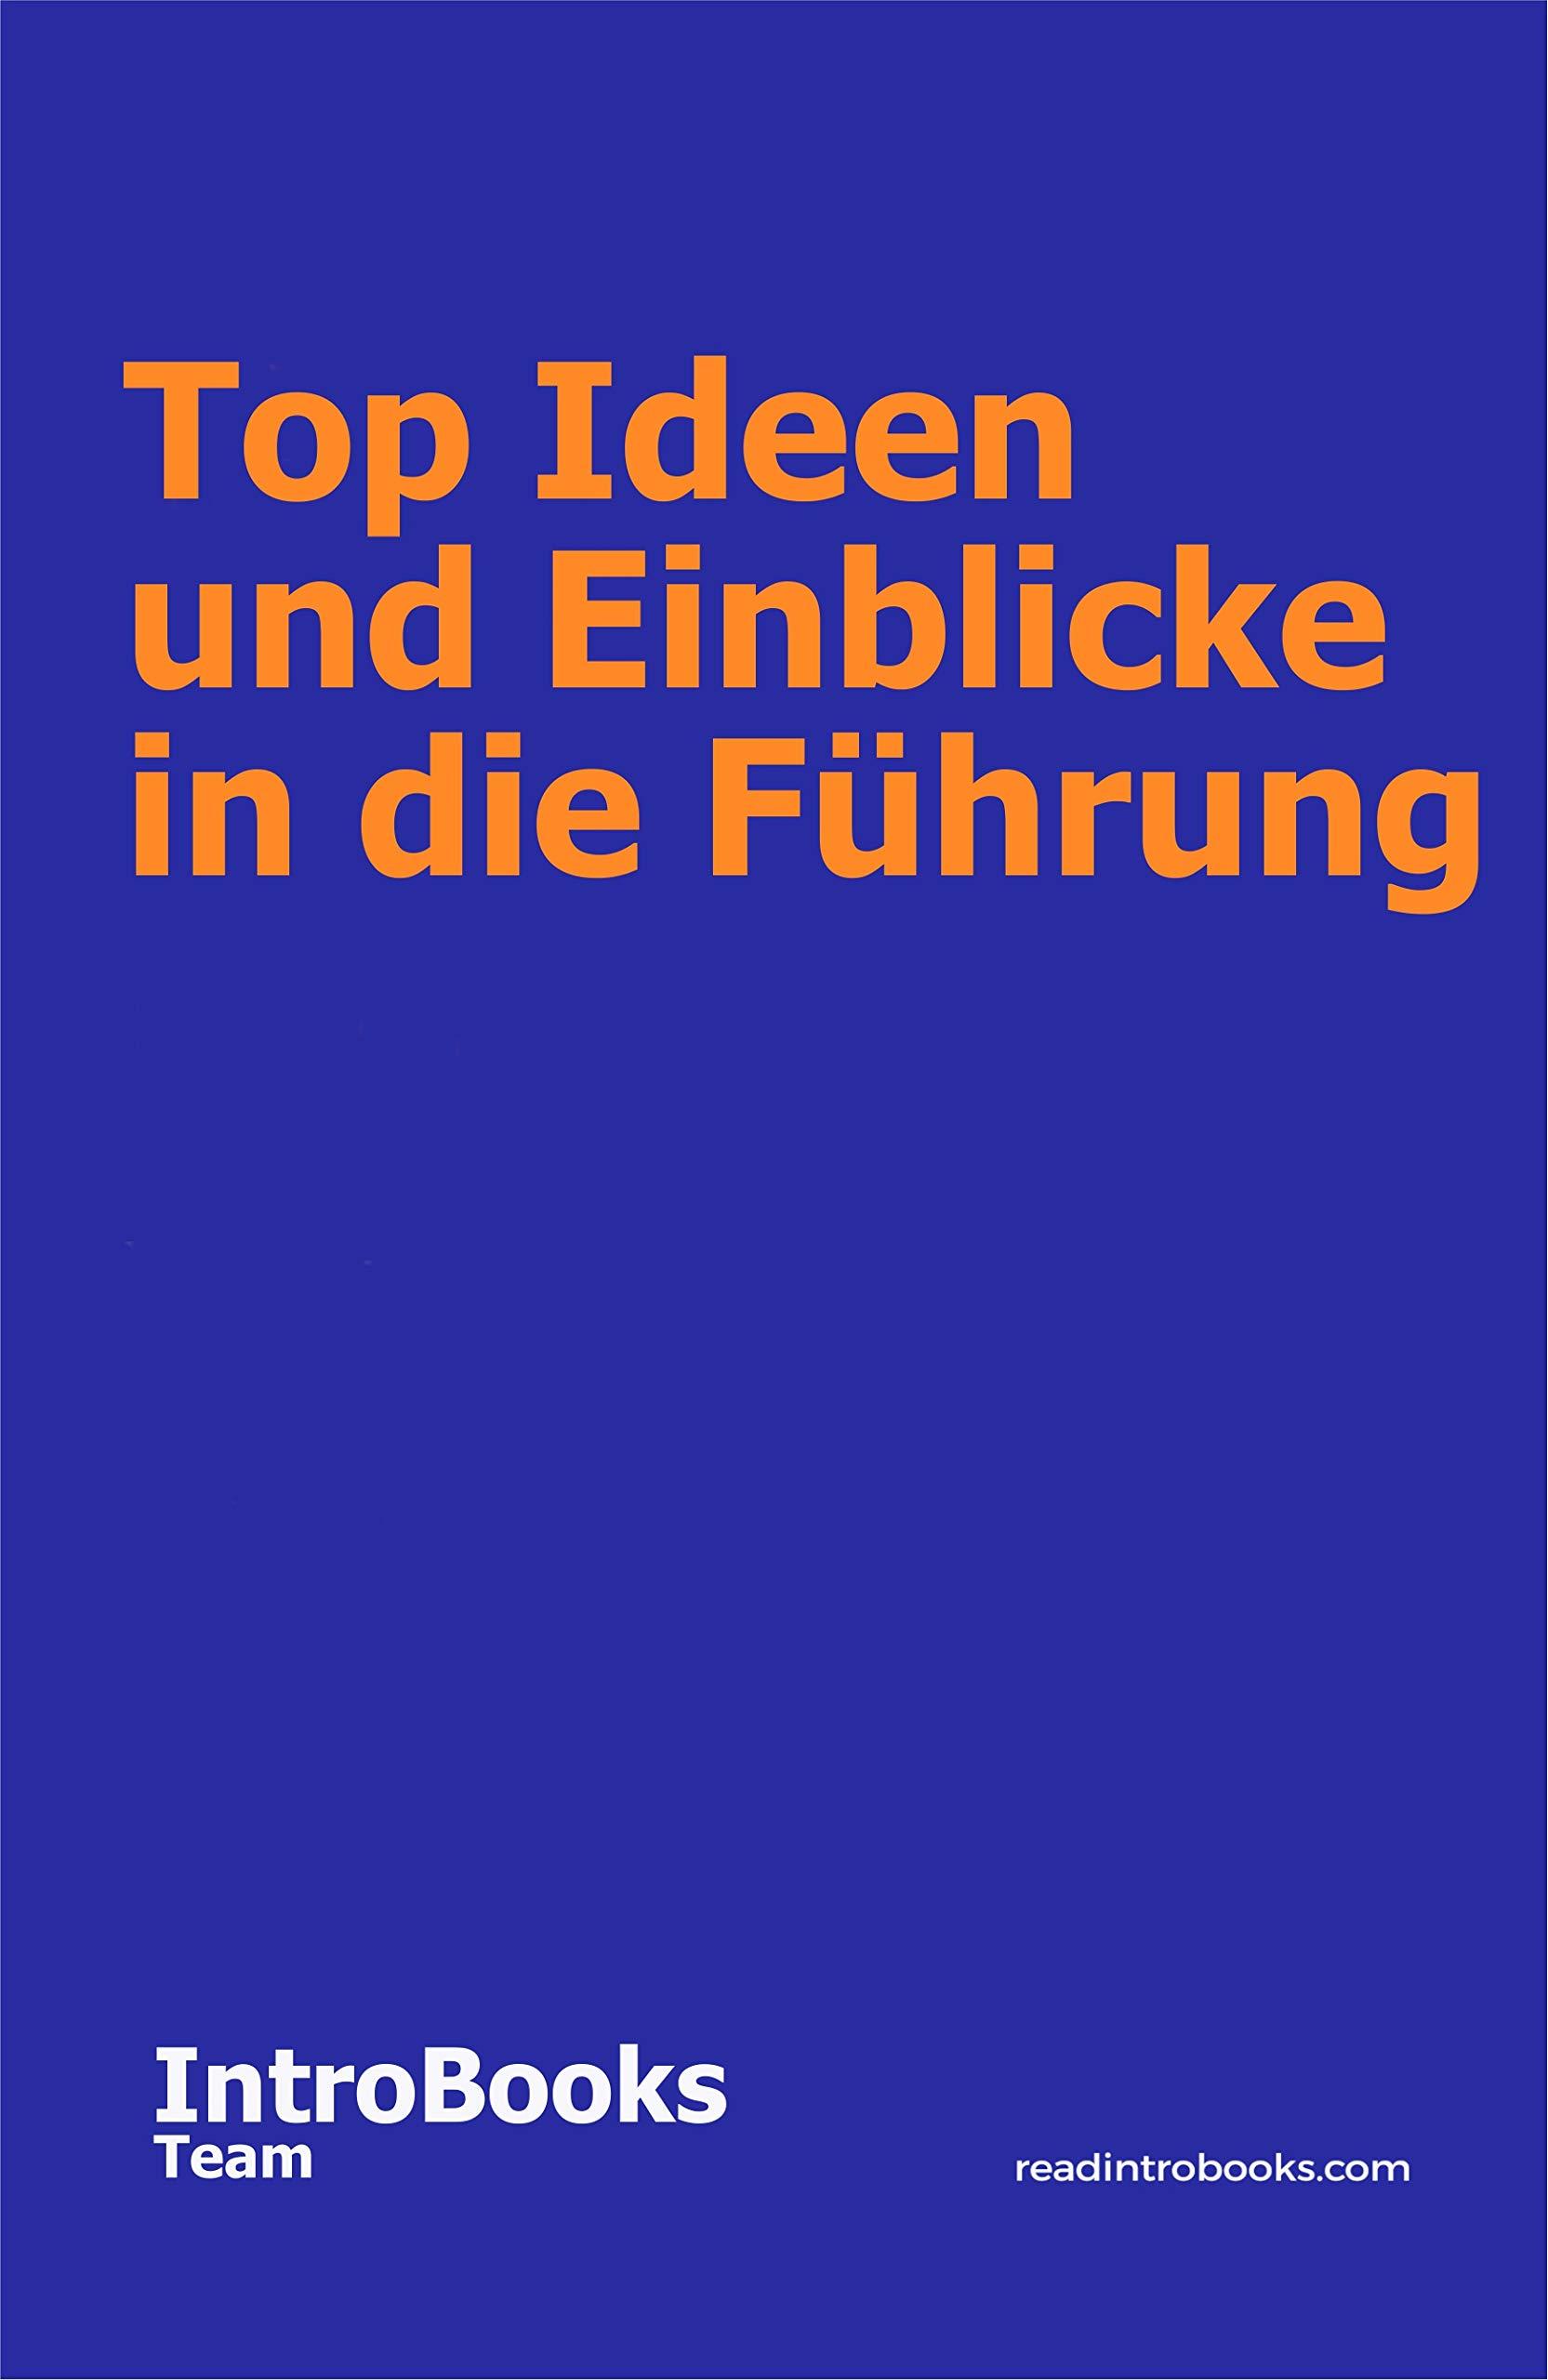 Top Ideen und Einblicke in die Führung (German Edition)